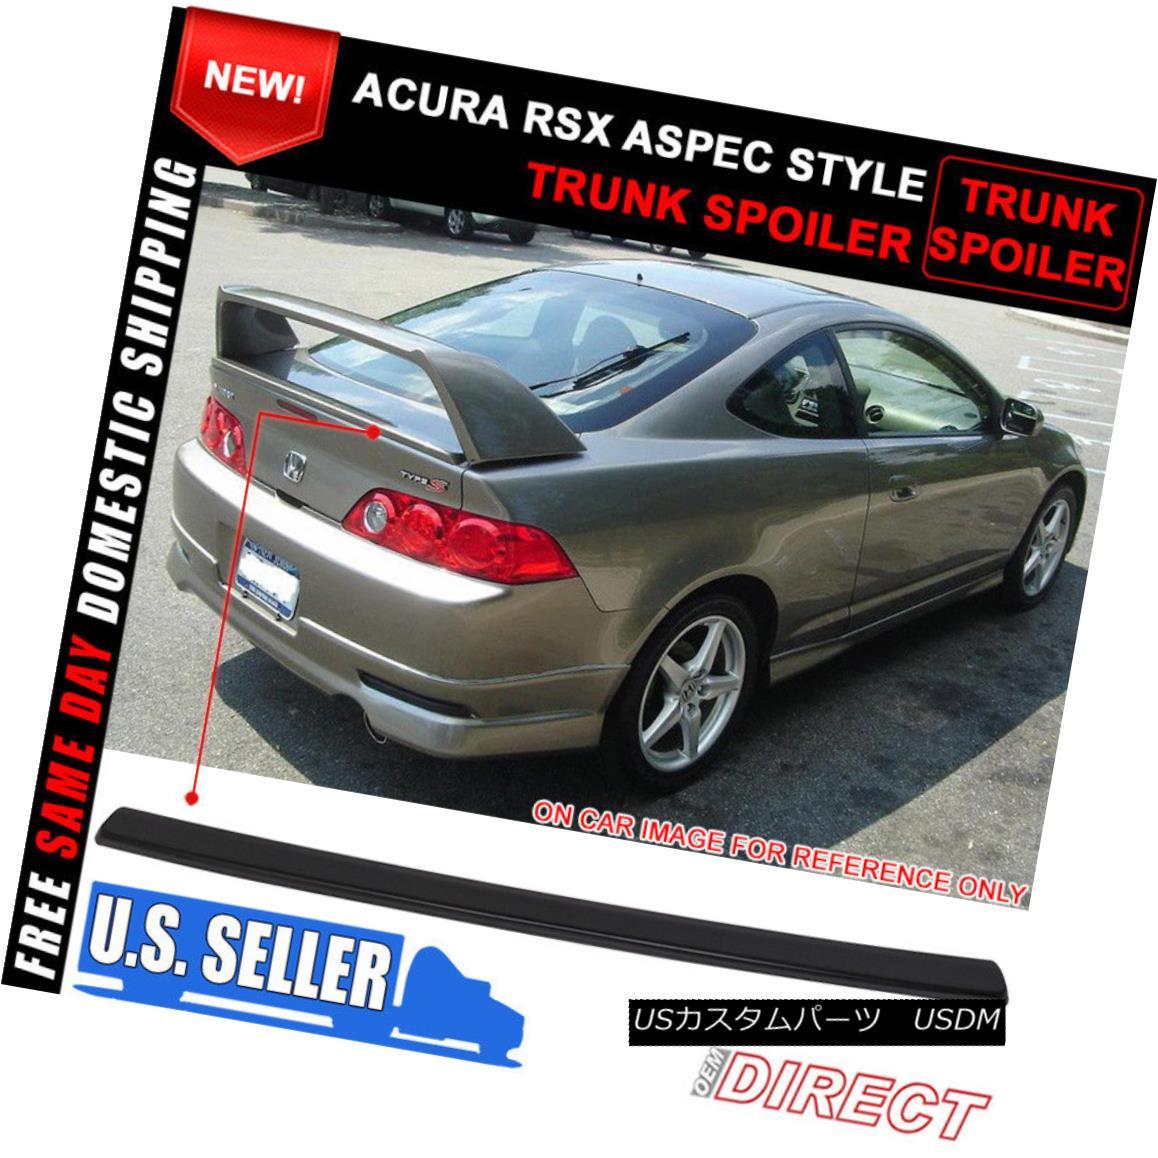 エアロパーツ 02-06 Acura RSX DC5 Aspec Mini Decklid For R Style Trunk Spoiler ABS 02-06 Acura RSX DC5 AspecミニDecklid RスタイルトランクスポイラーABS用